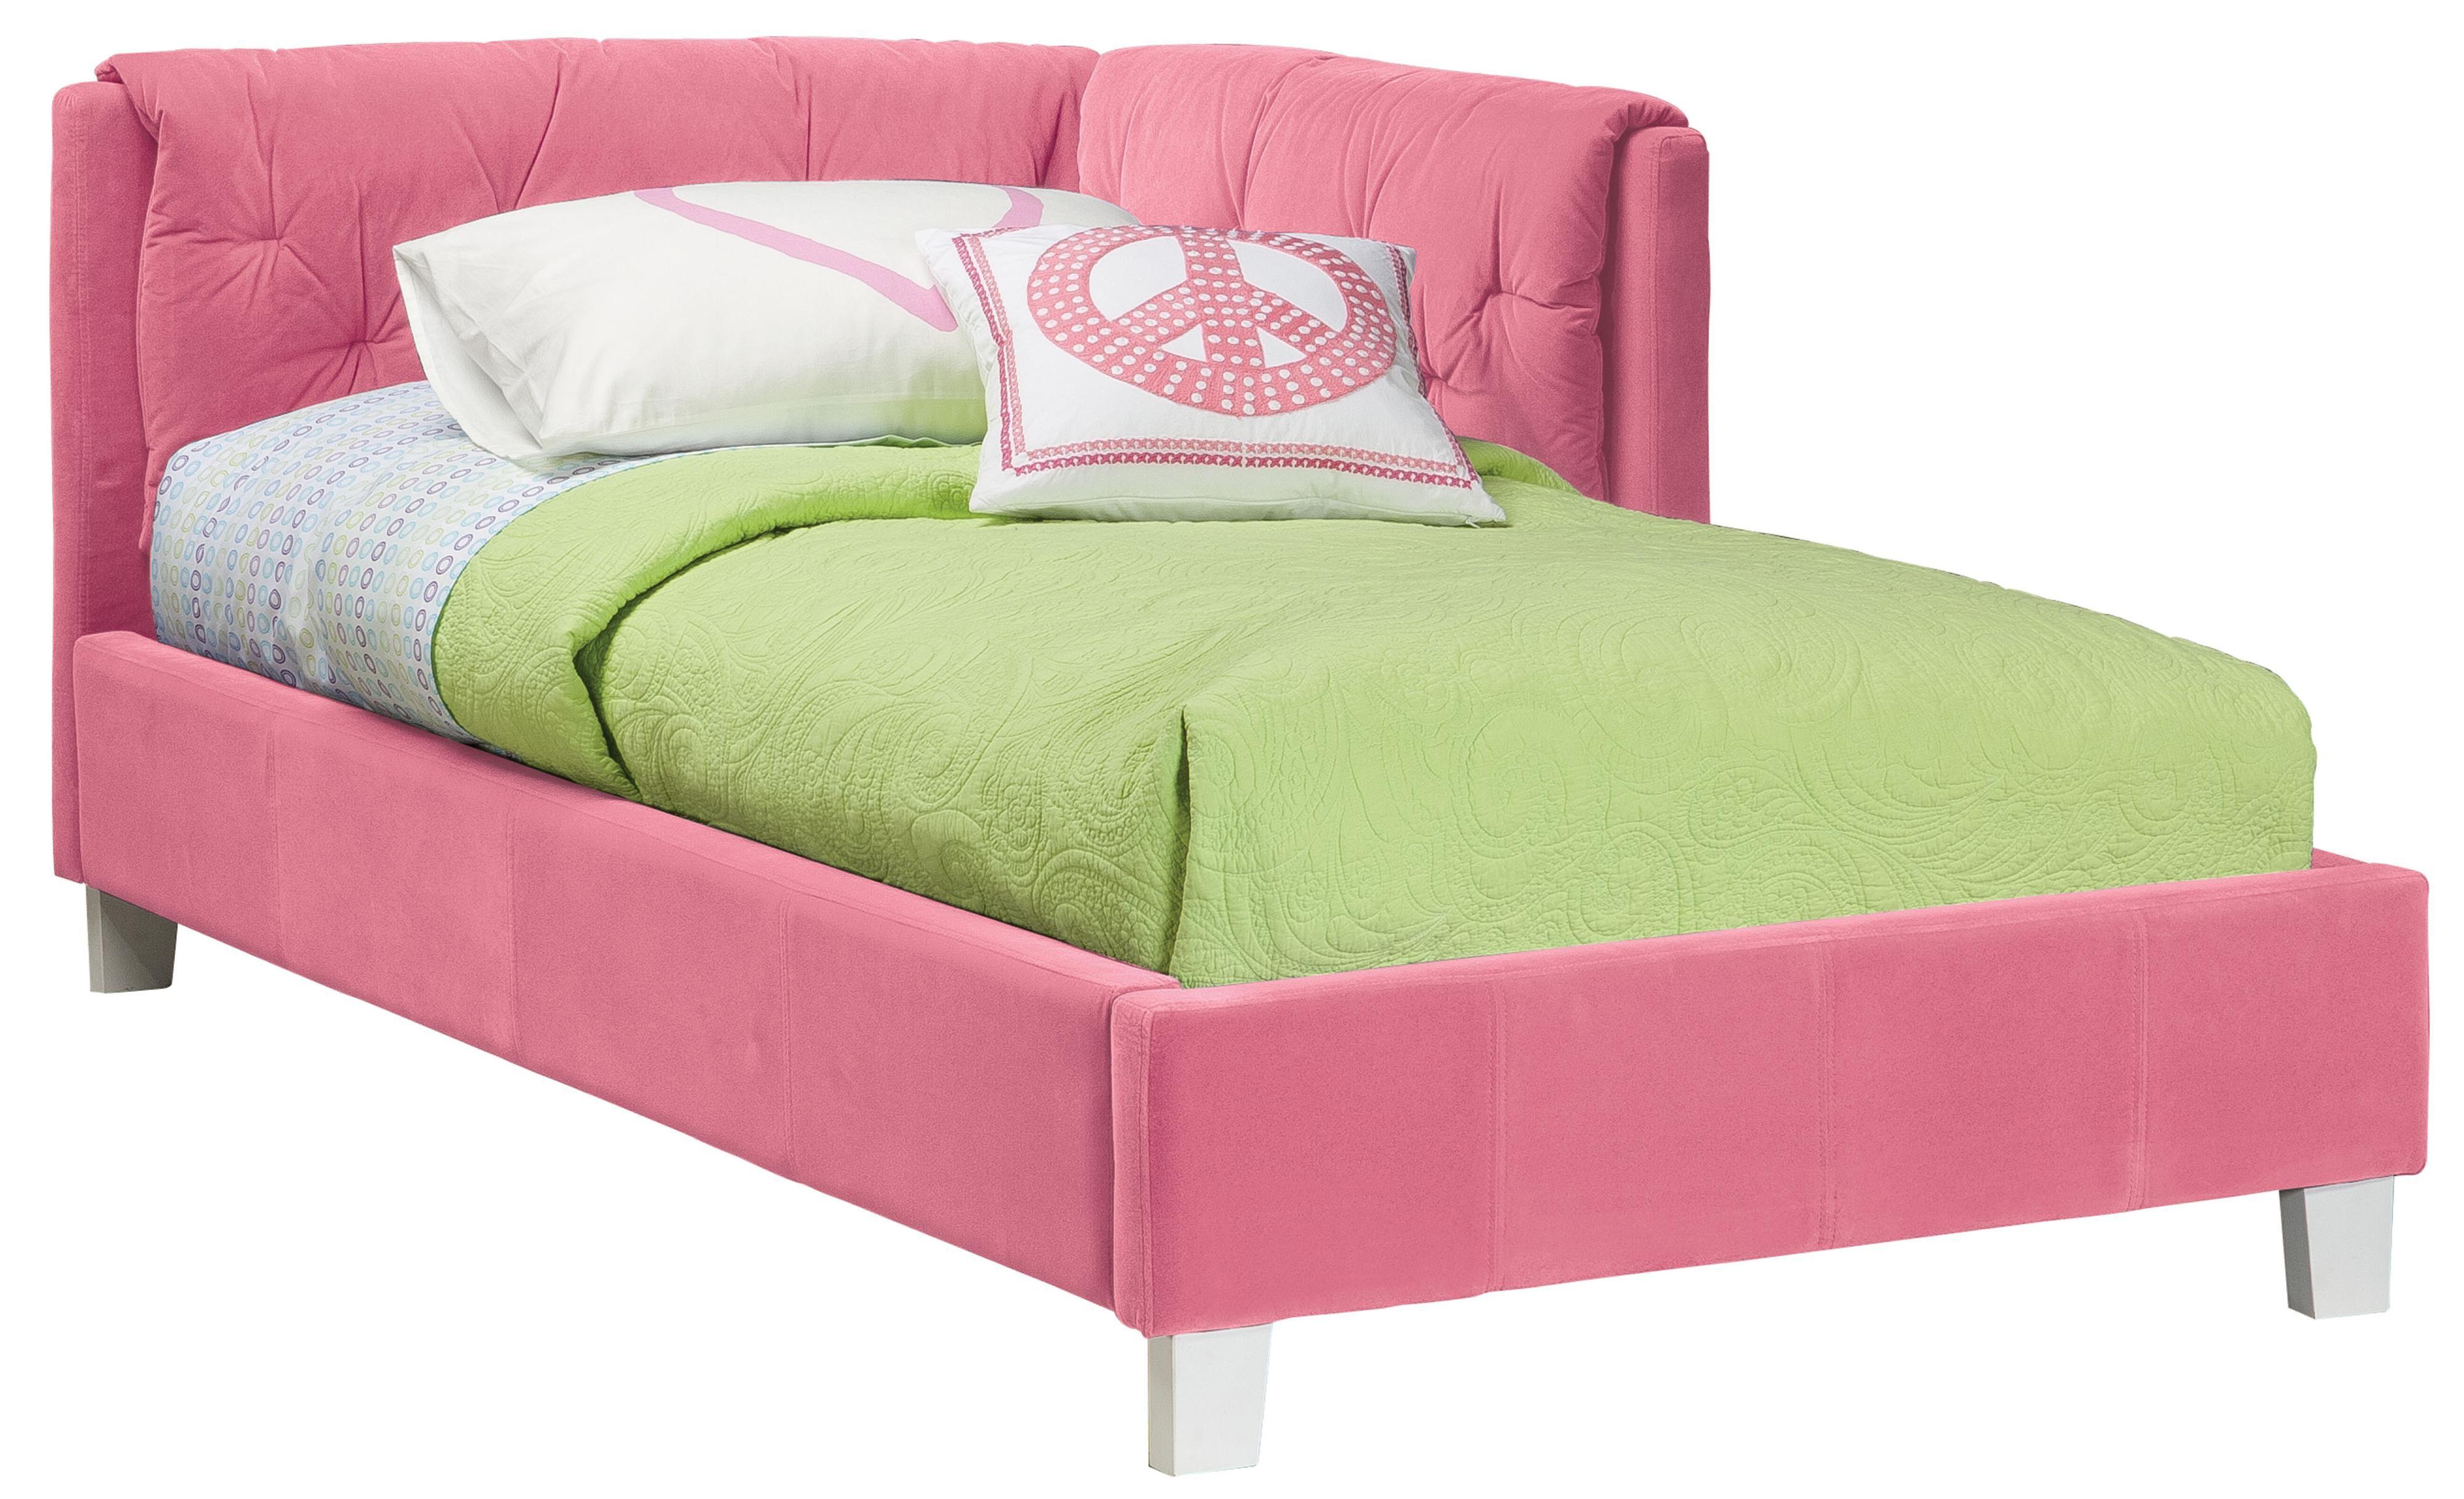 Standard Furniture My Room Twin Platform Upholstered Bed